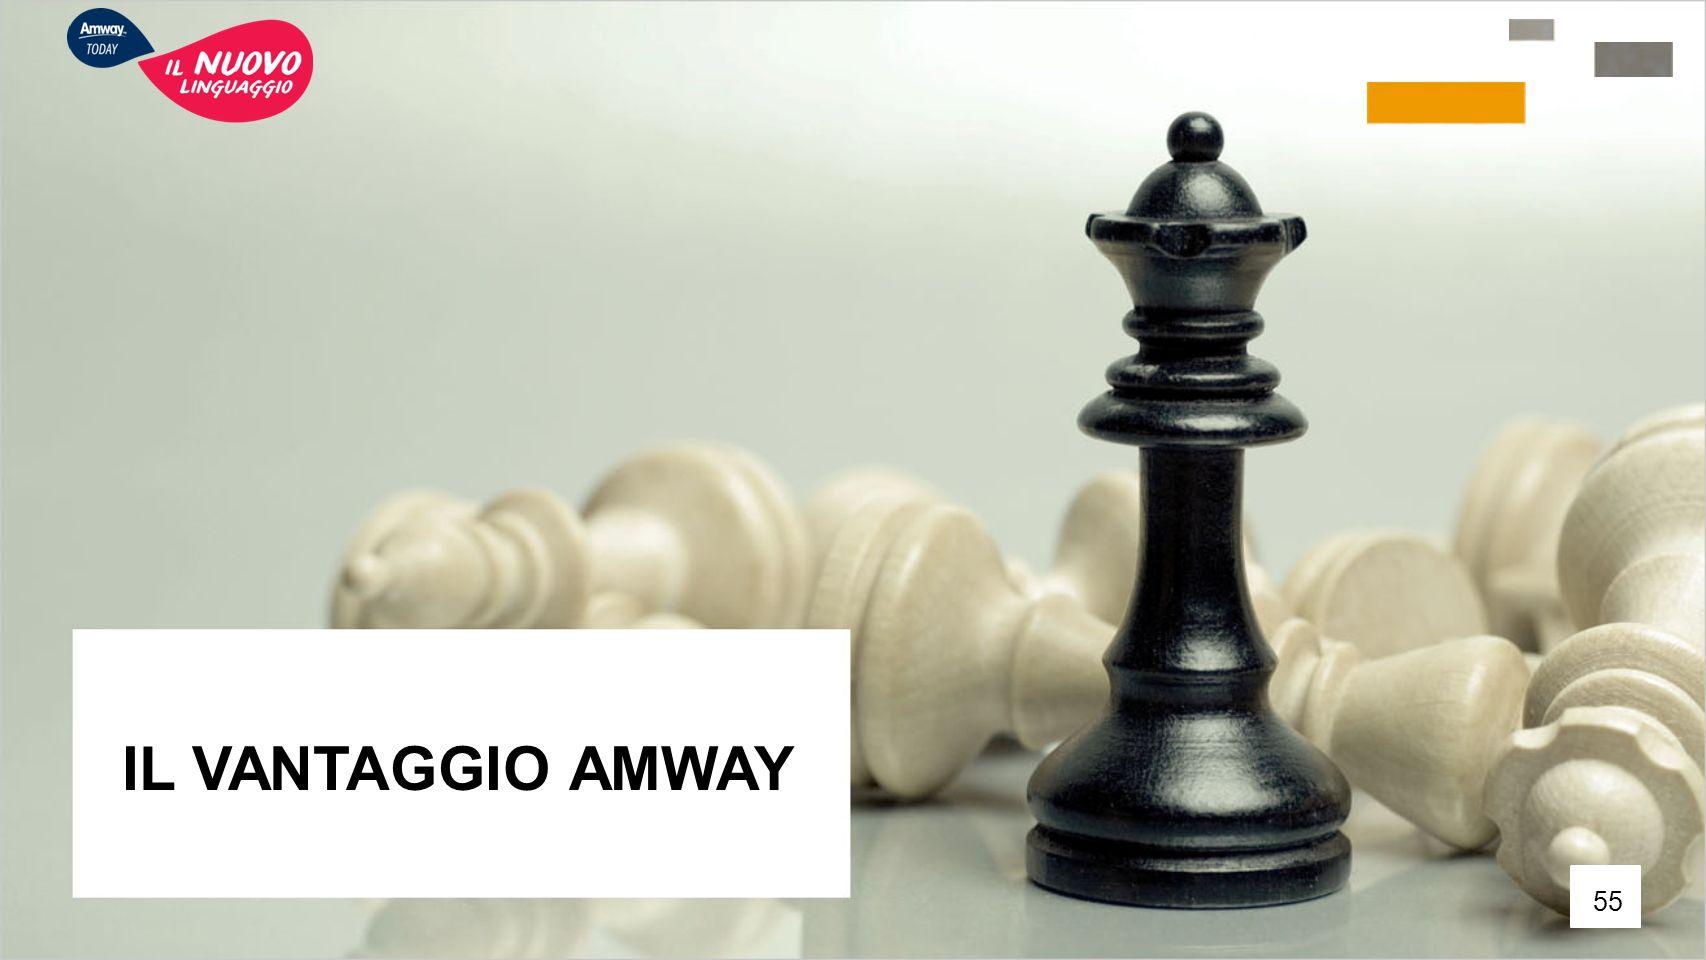 6 IL VANTAGGIO AMWAY 55